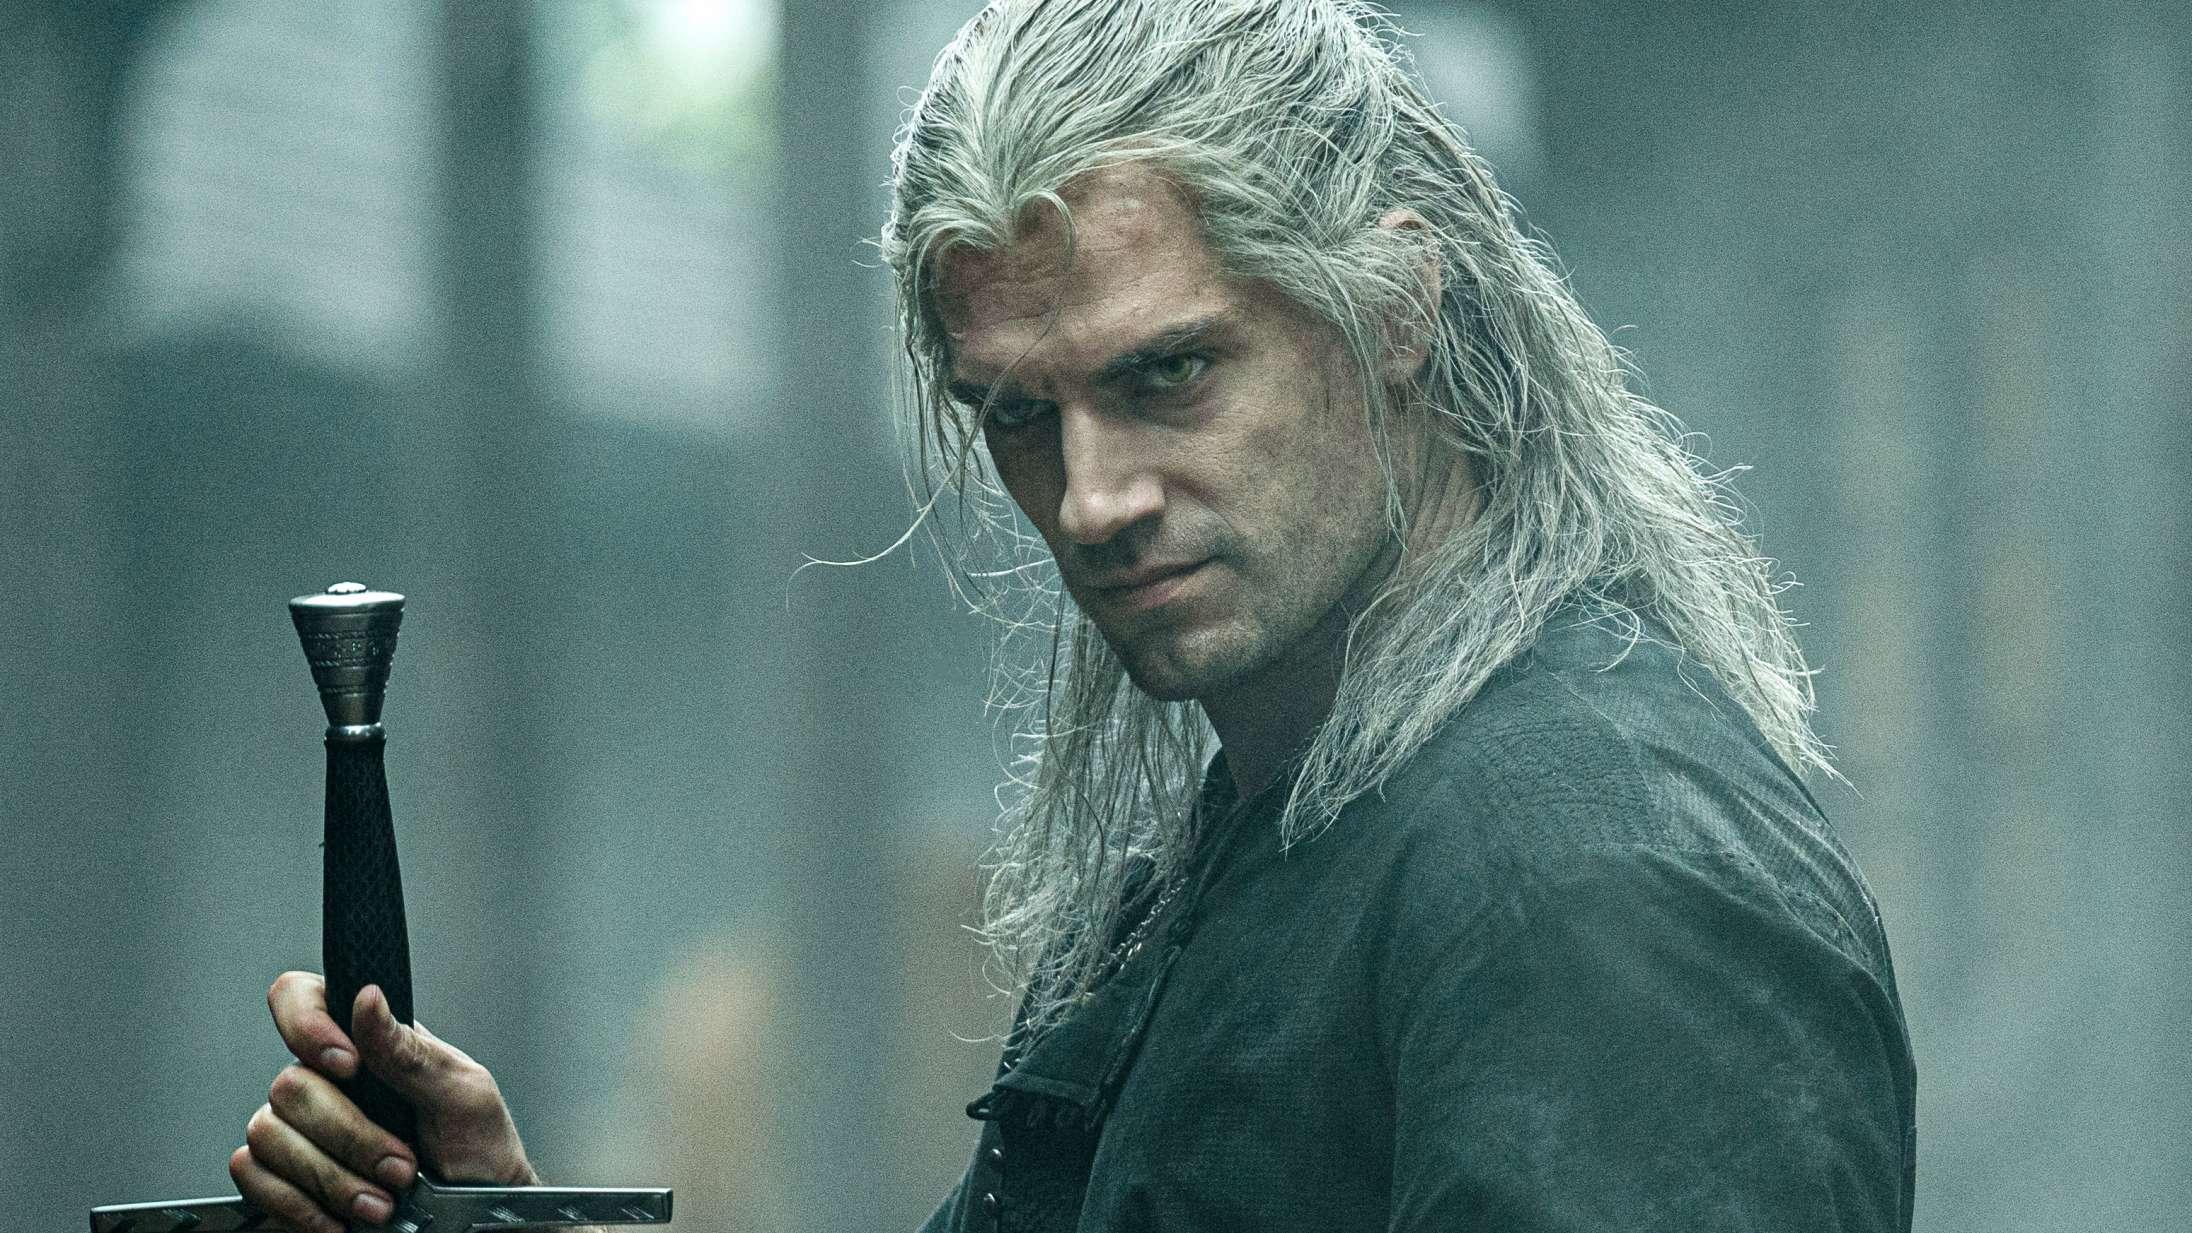 Dansk talent dropper ud af 'The Witcher' sæson 2: »Det er hjerteskærende«